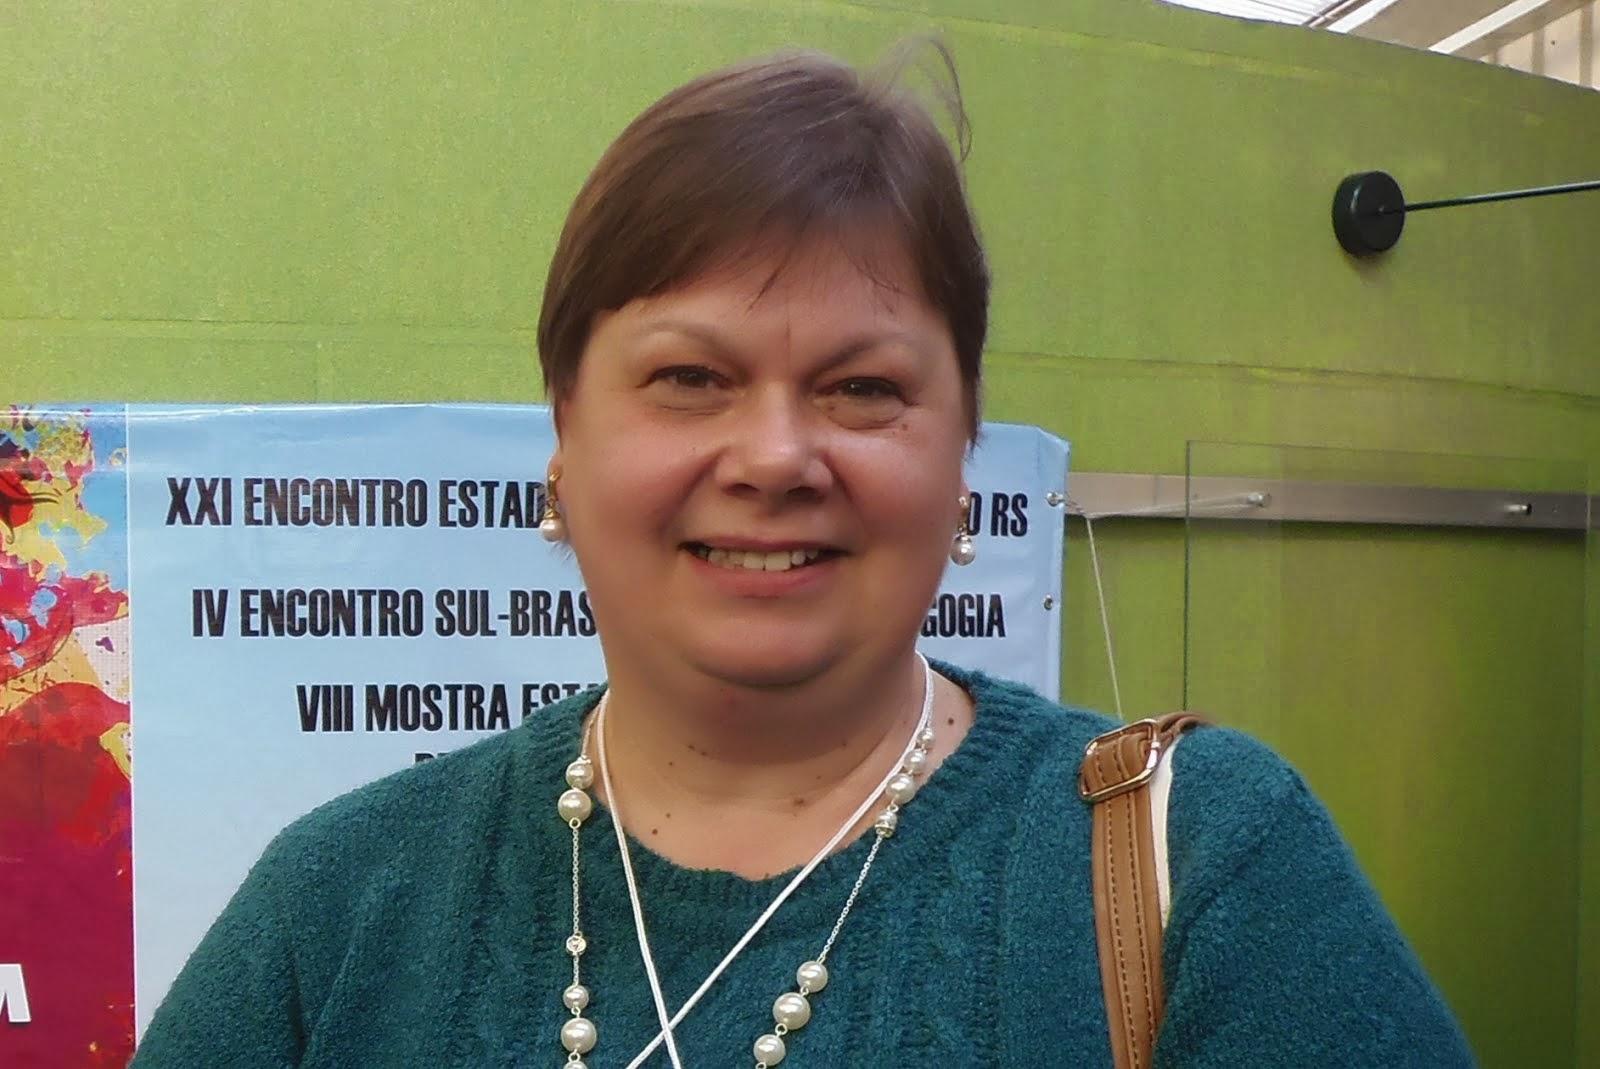 Inêz Maria Kwiecinski - Psicopedagoga Clínica e Institucional - ABPp 1040/12